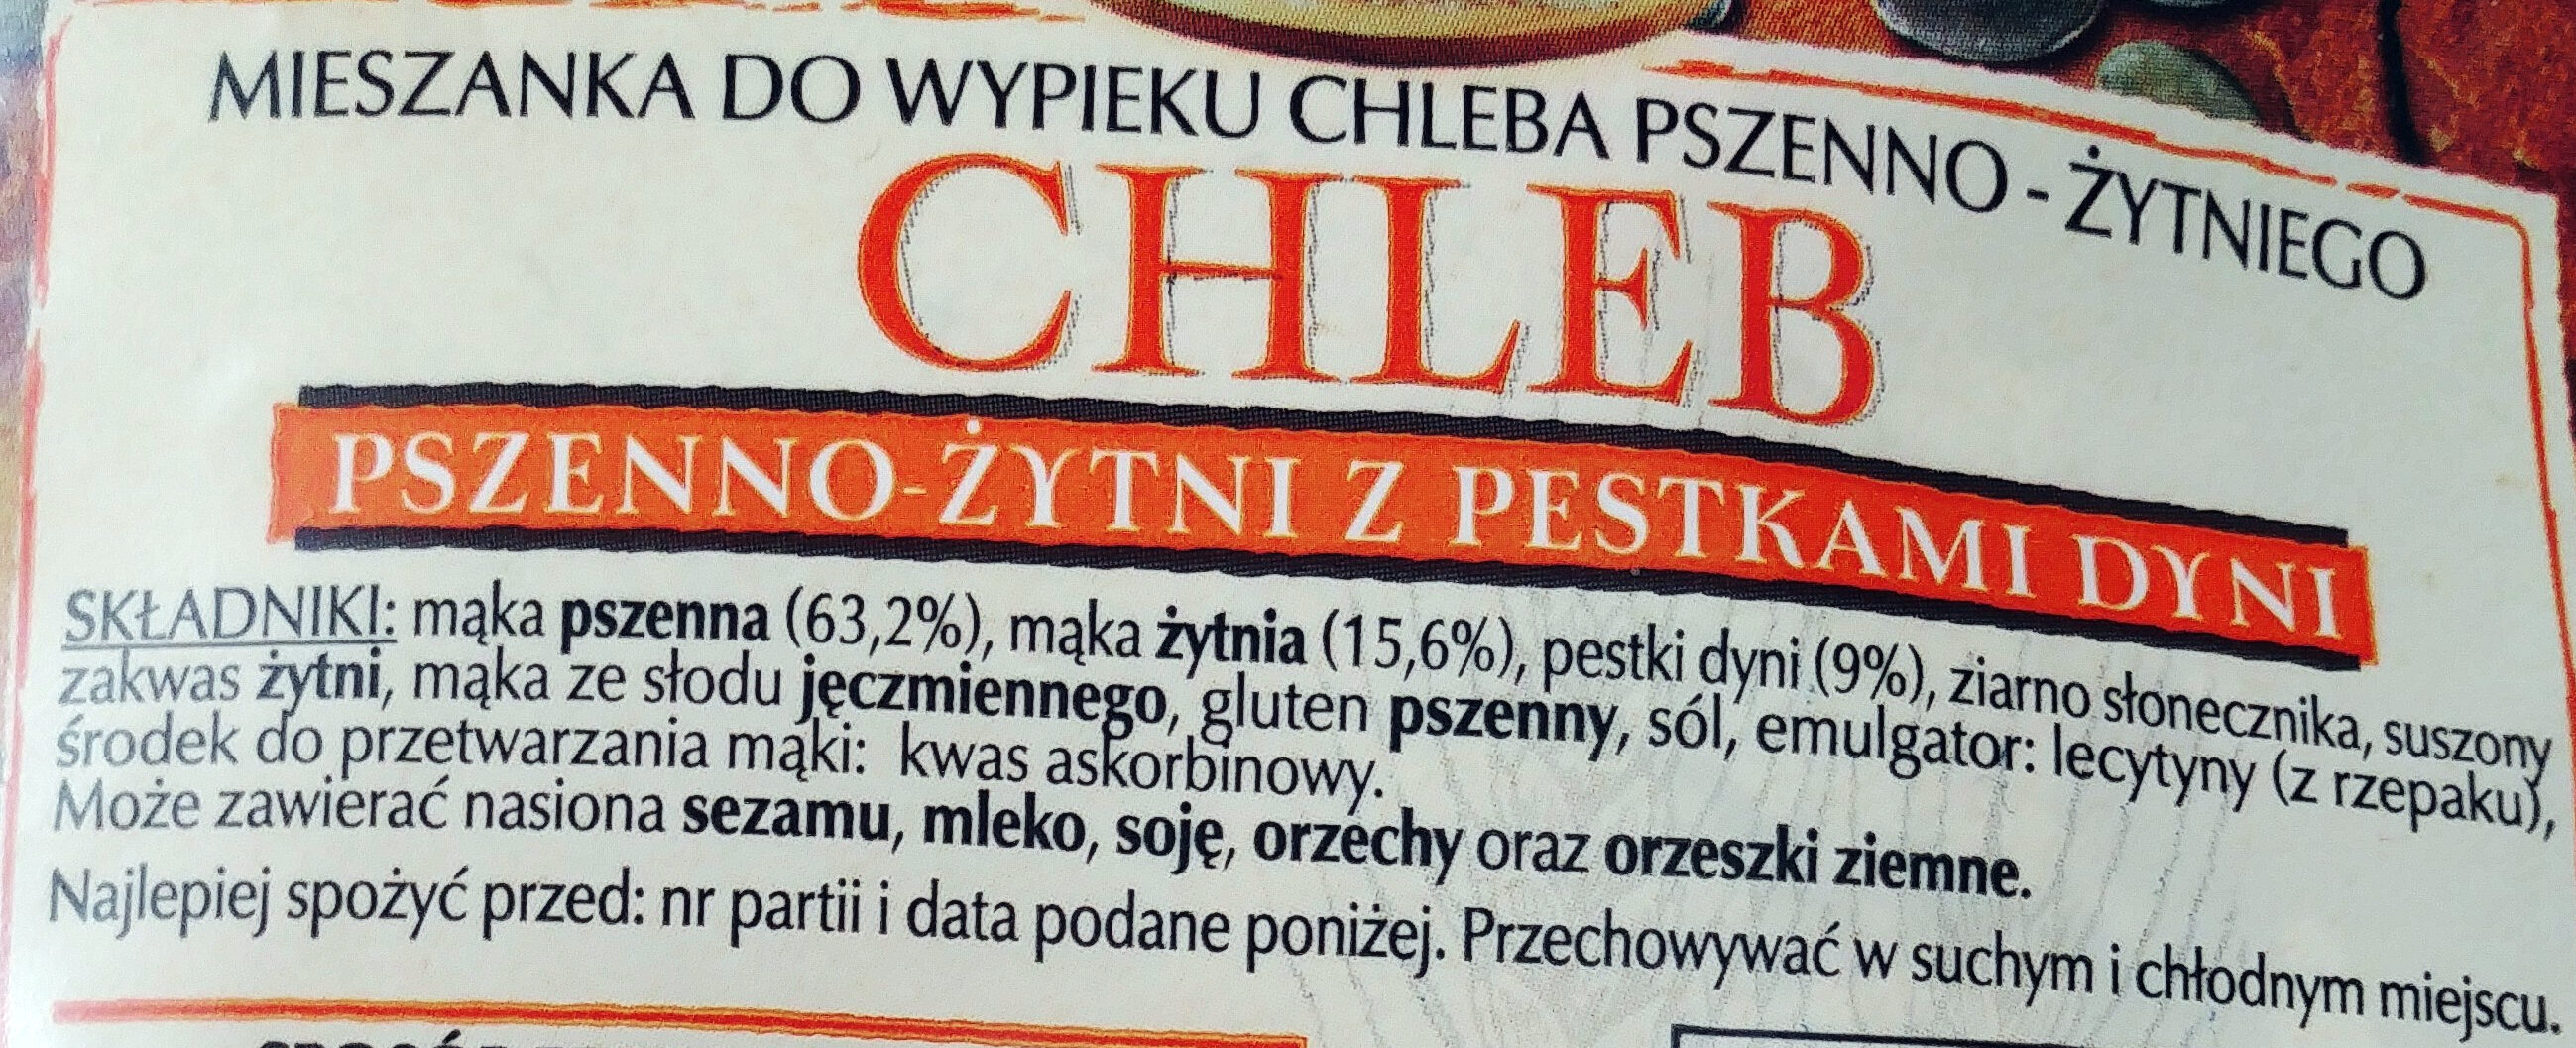 Mieszanka do wypieku chleba pszenno-żytniego. Chleb pszenno-żytni z pestkami dyni. - Składniki - pl